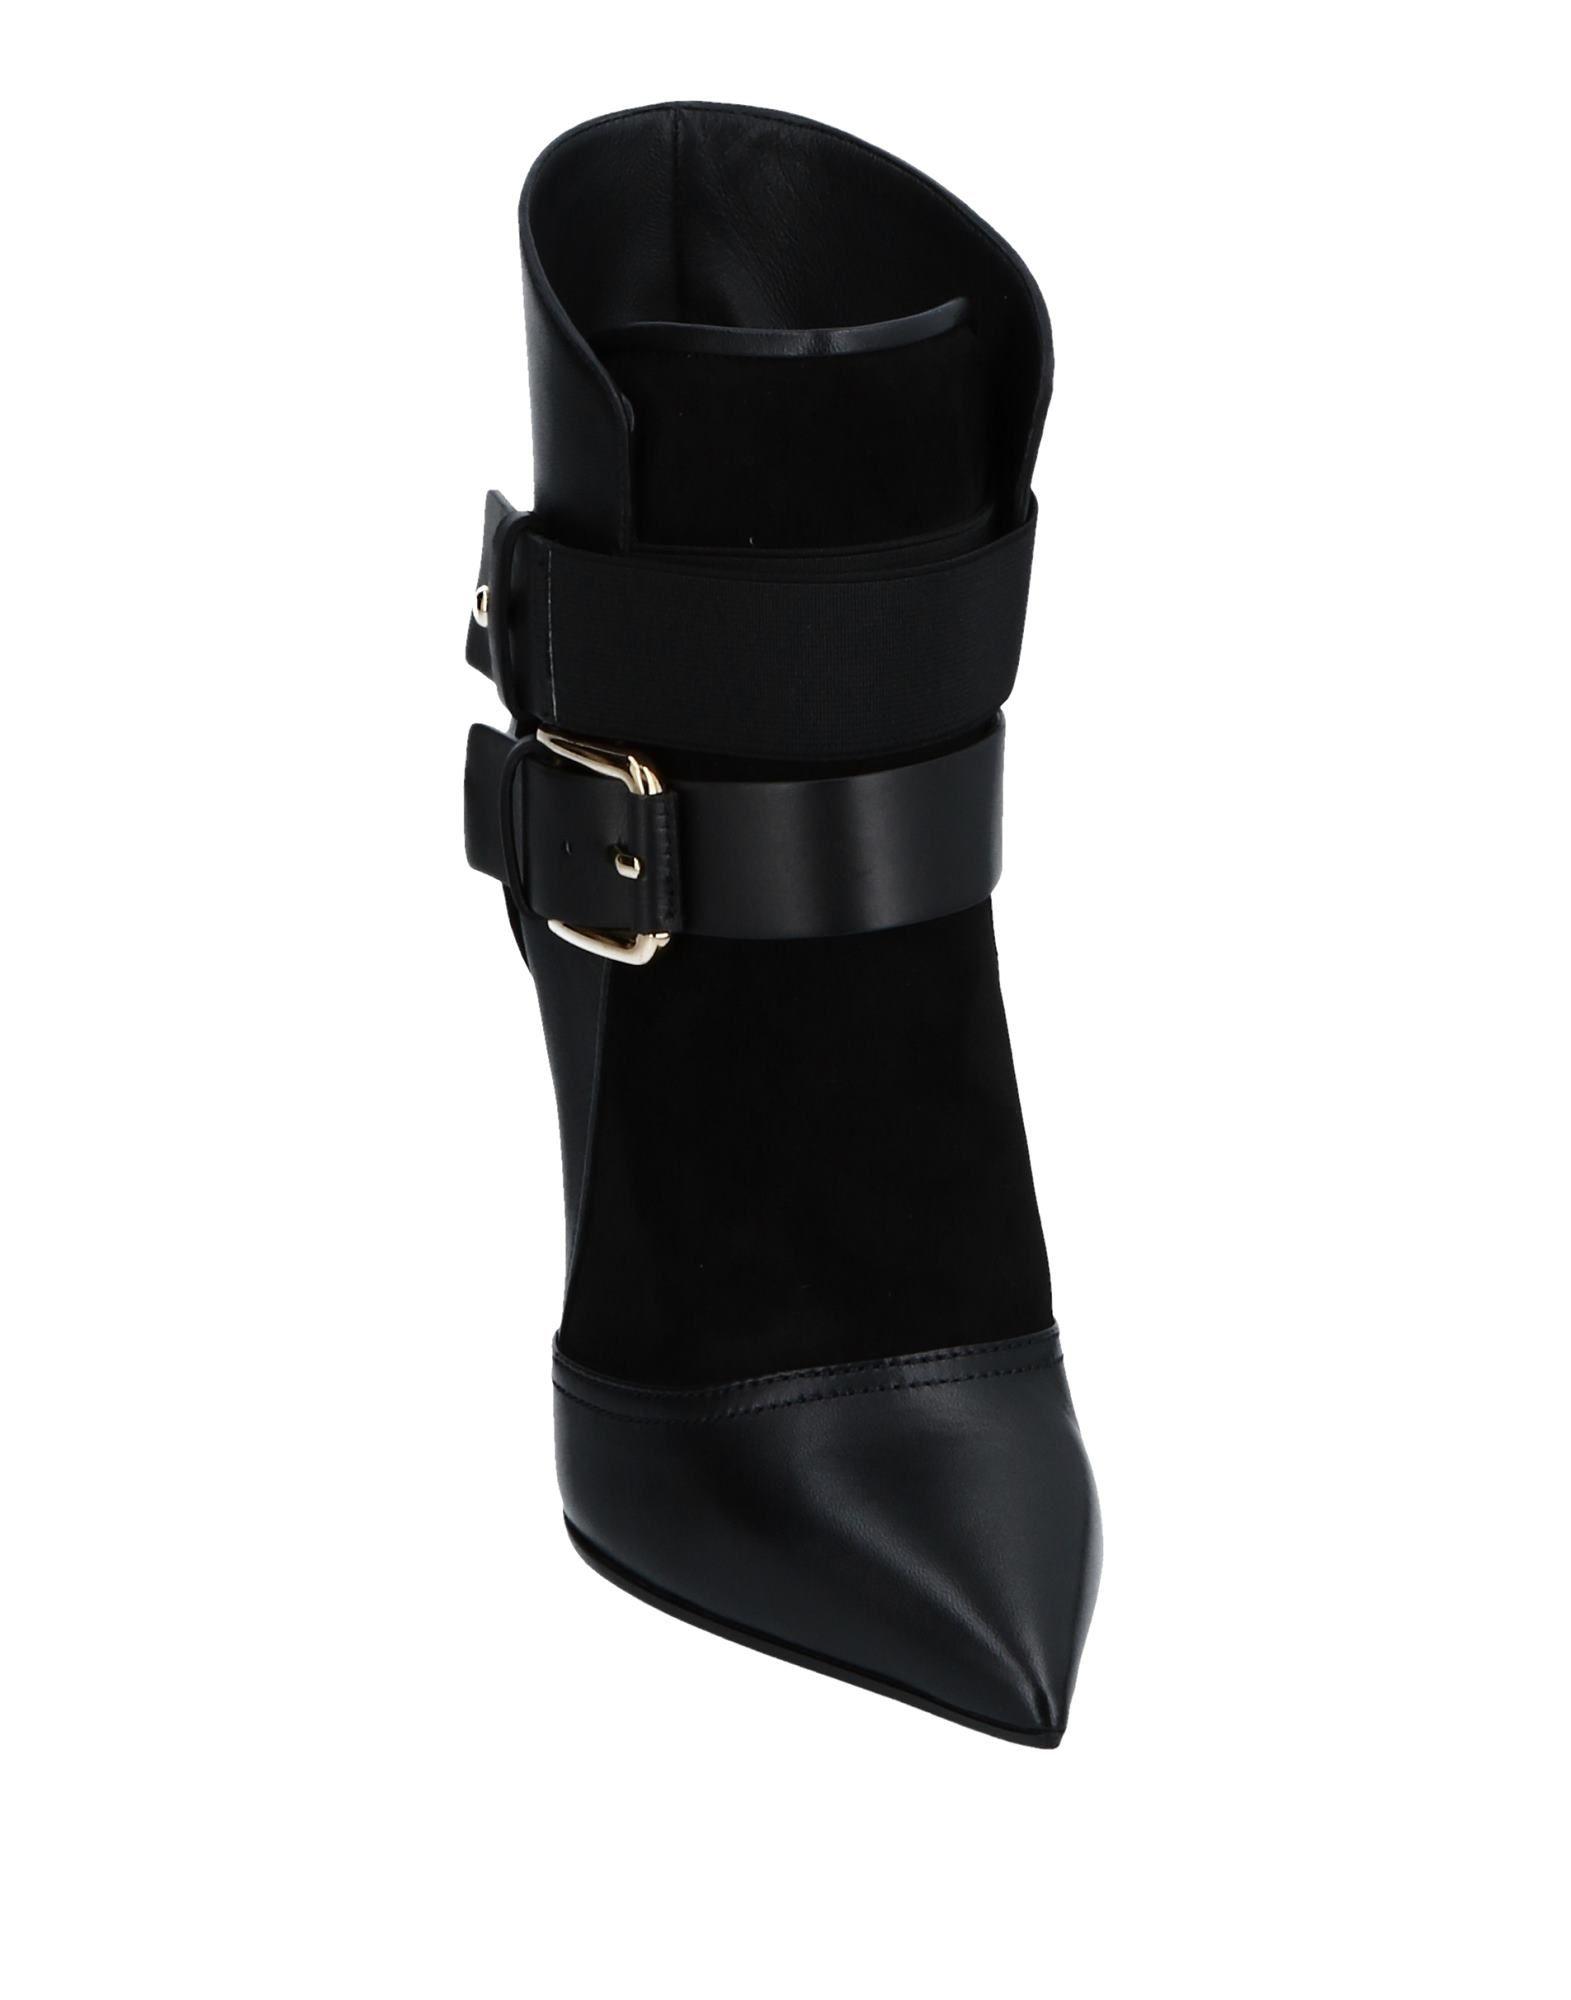 Balmain Stiefelette Damen  11510655MBGünstige gut aussehende Schuhe